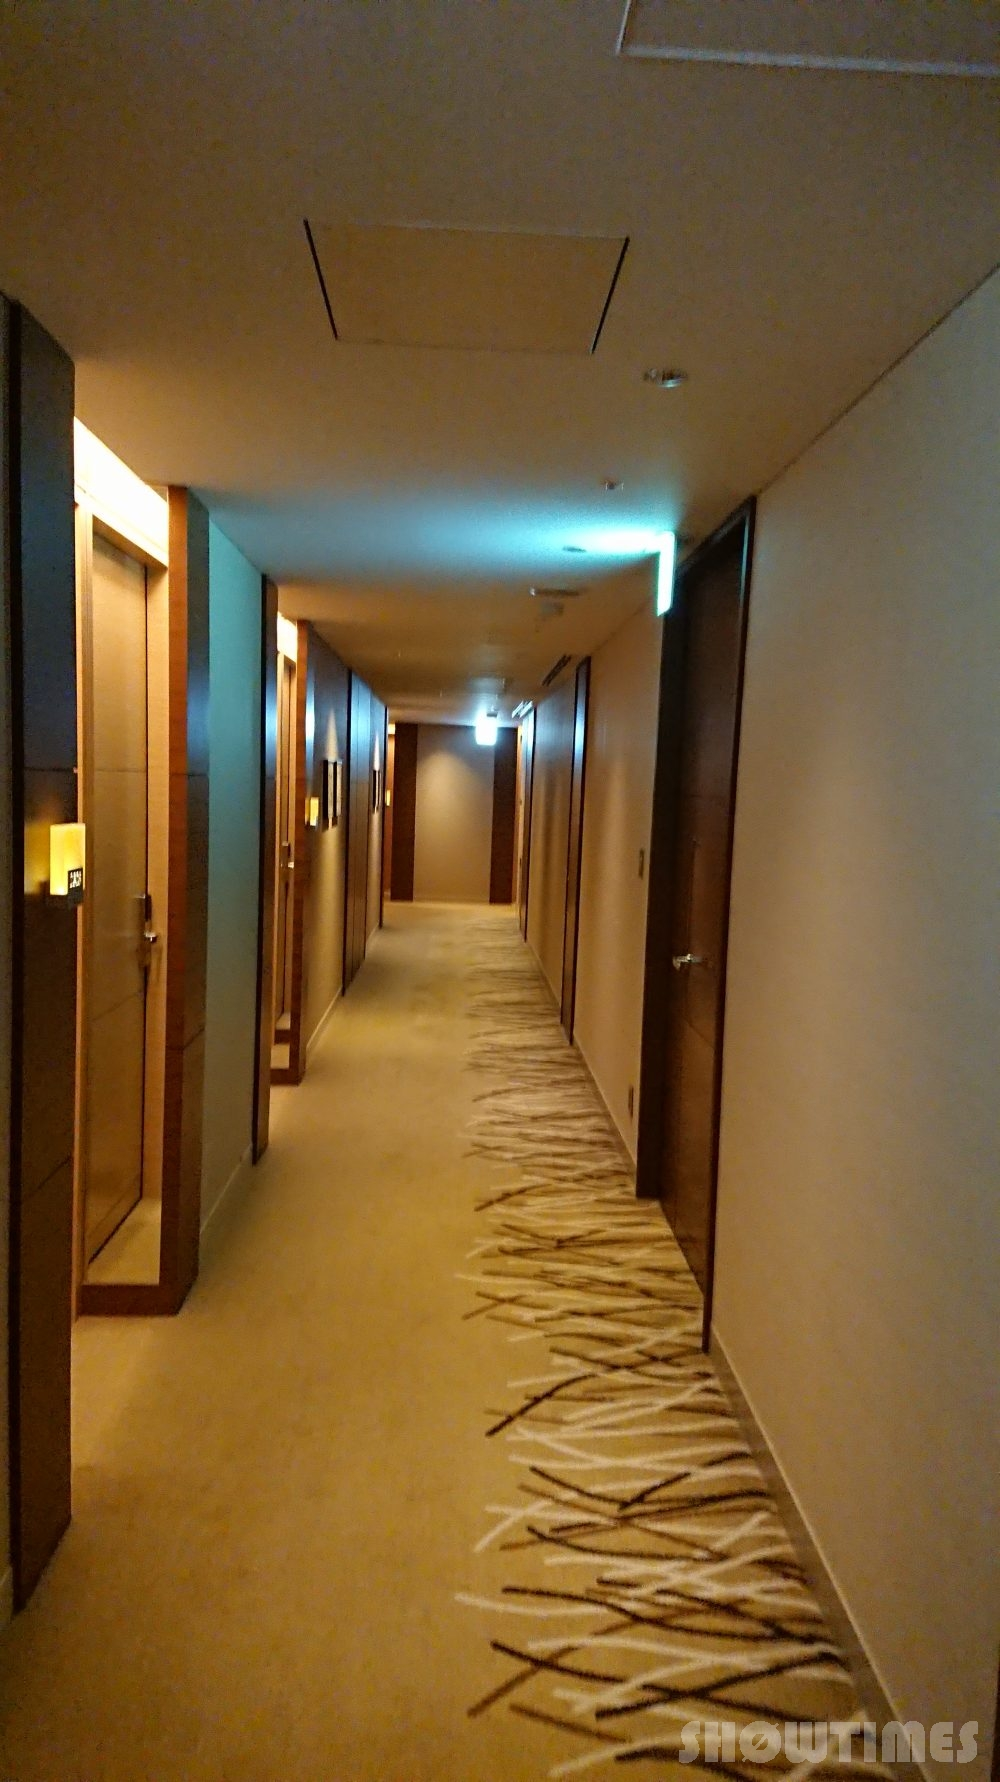 インターコンチネンタルホテル大阪の客室階廊下